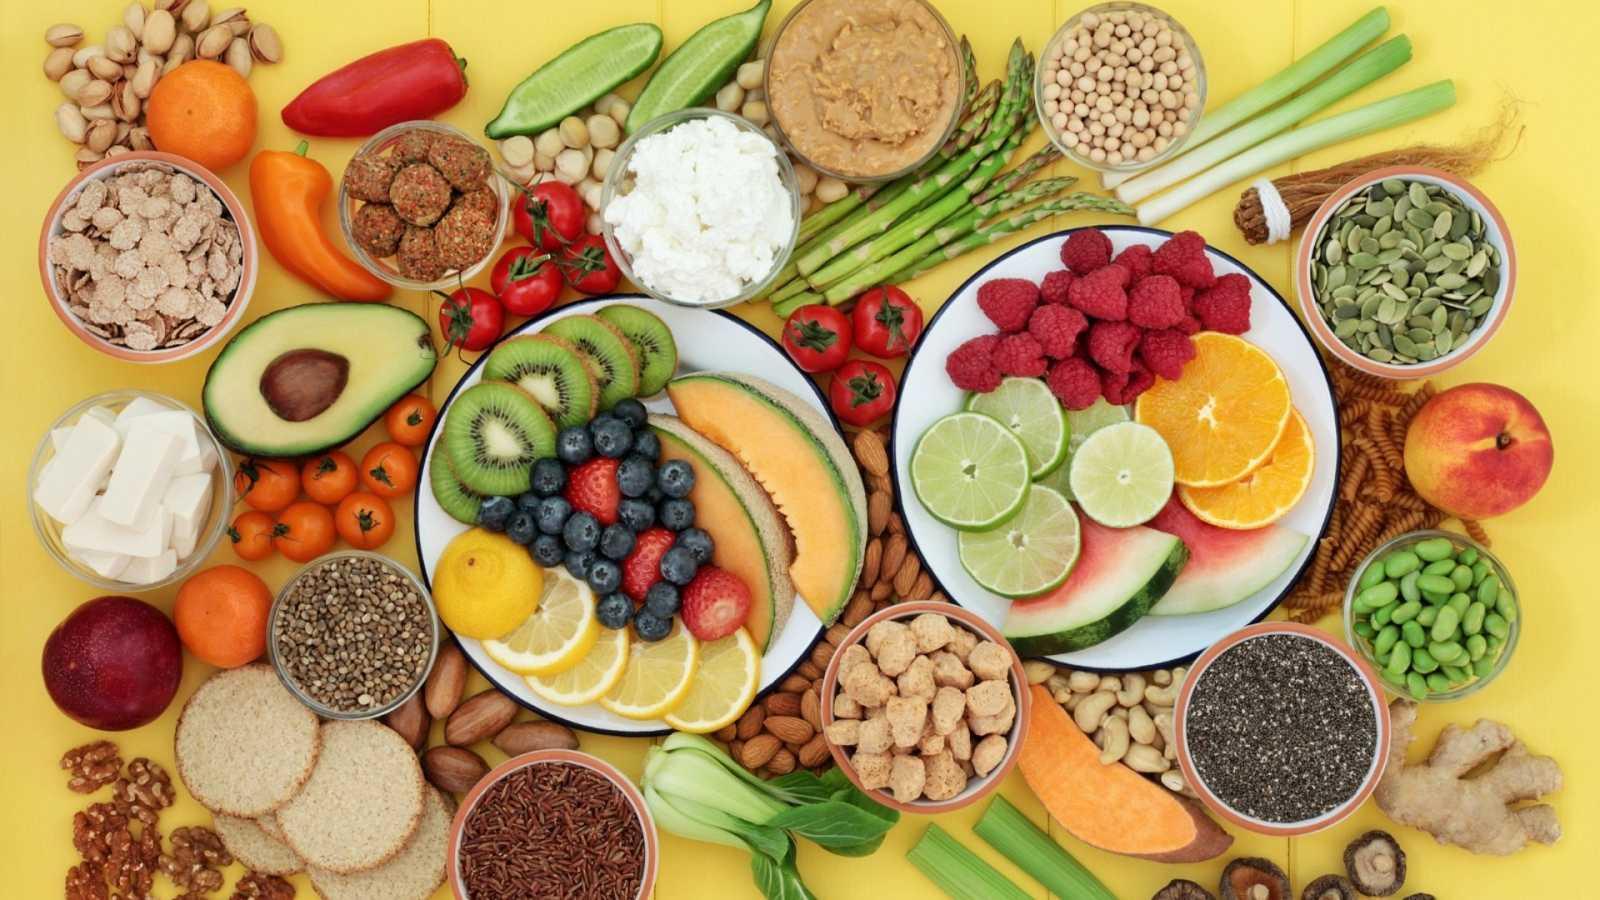 Lista de snacks saludables